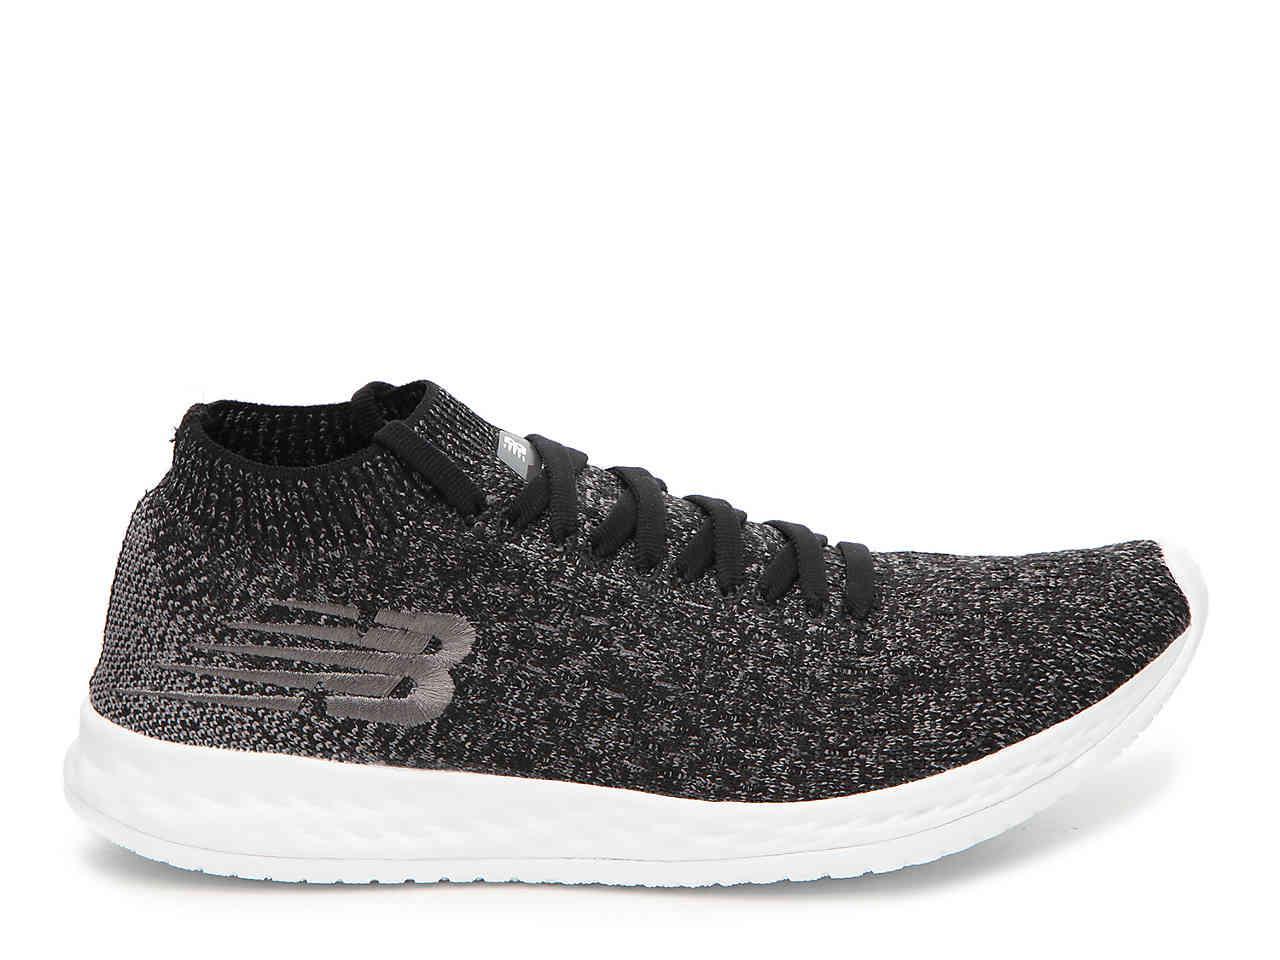 Оригинальные кроссовки (кеды) New Balance Fresh Foam Zante Solas мужские